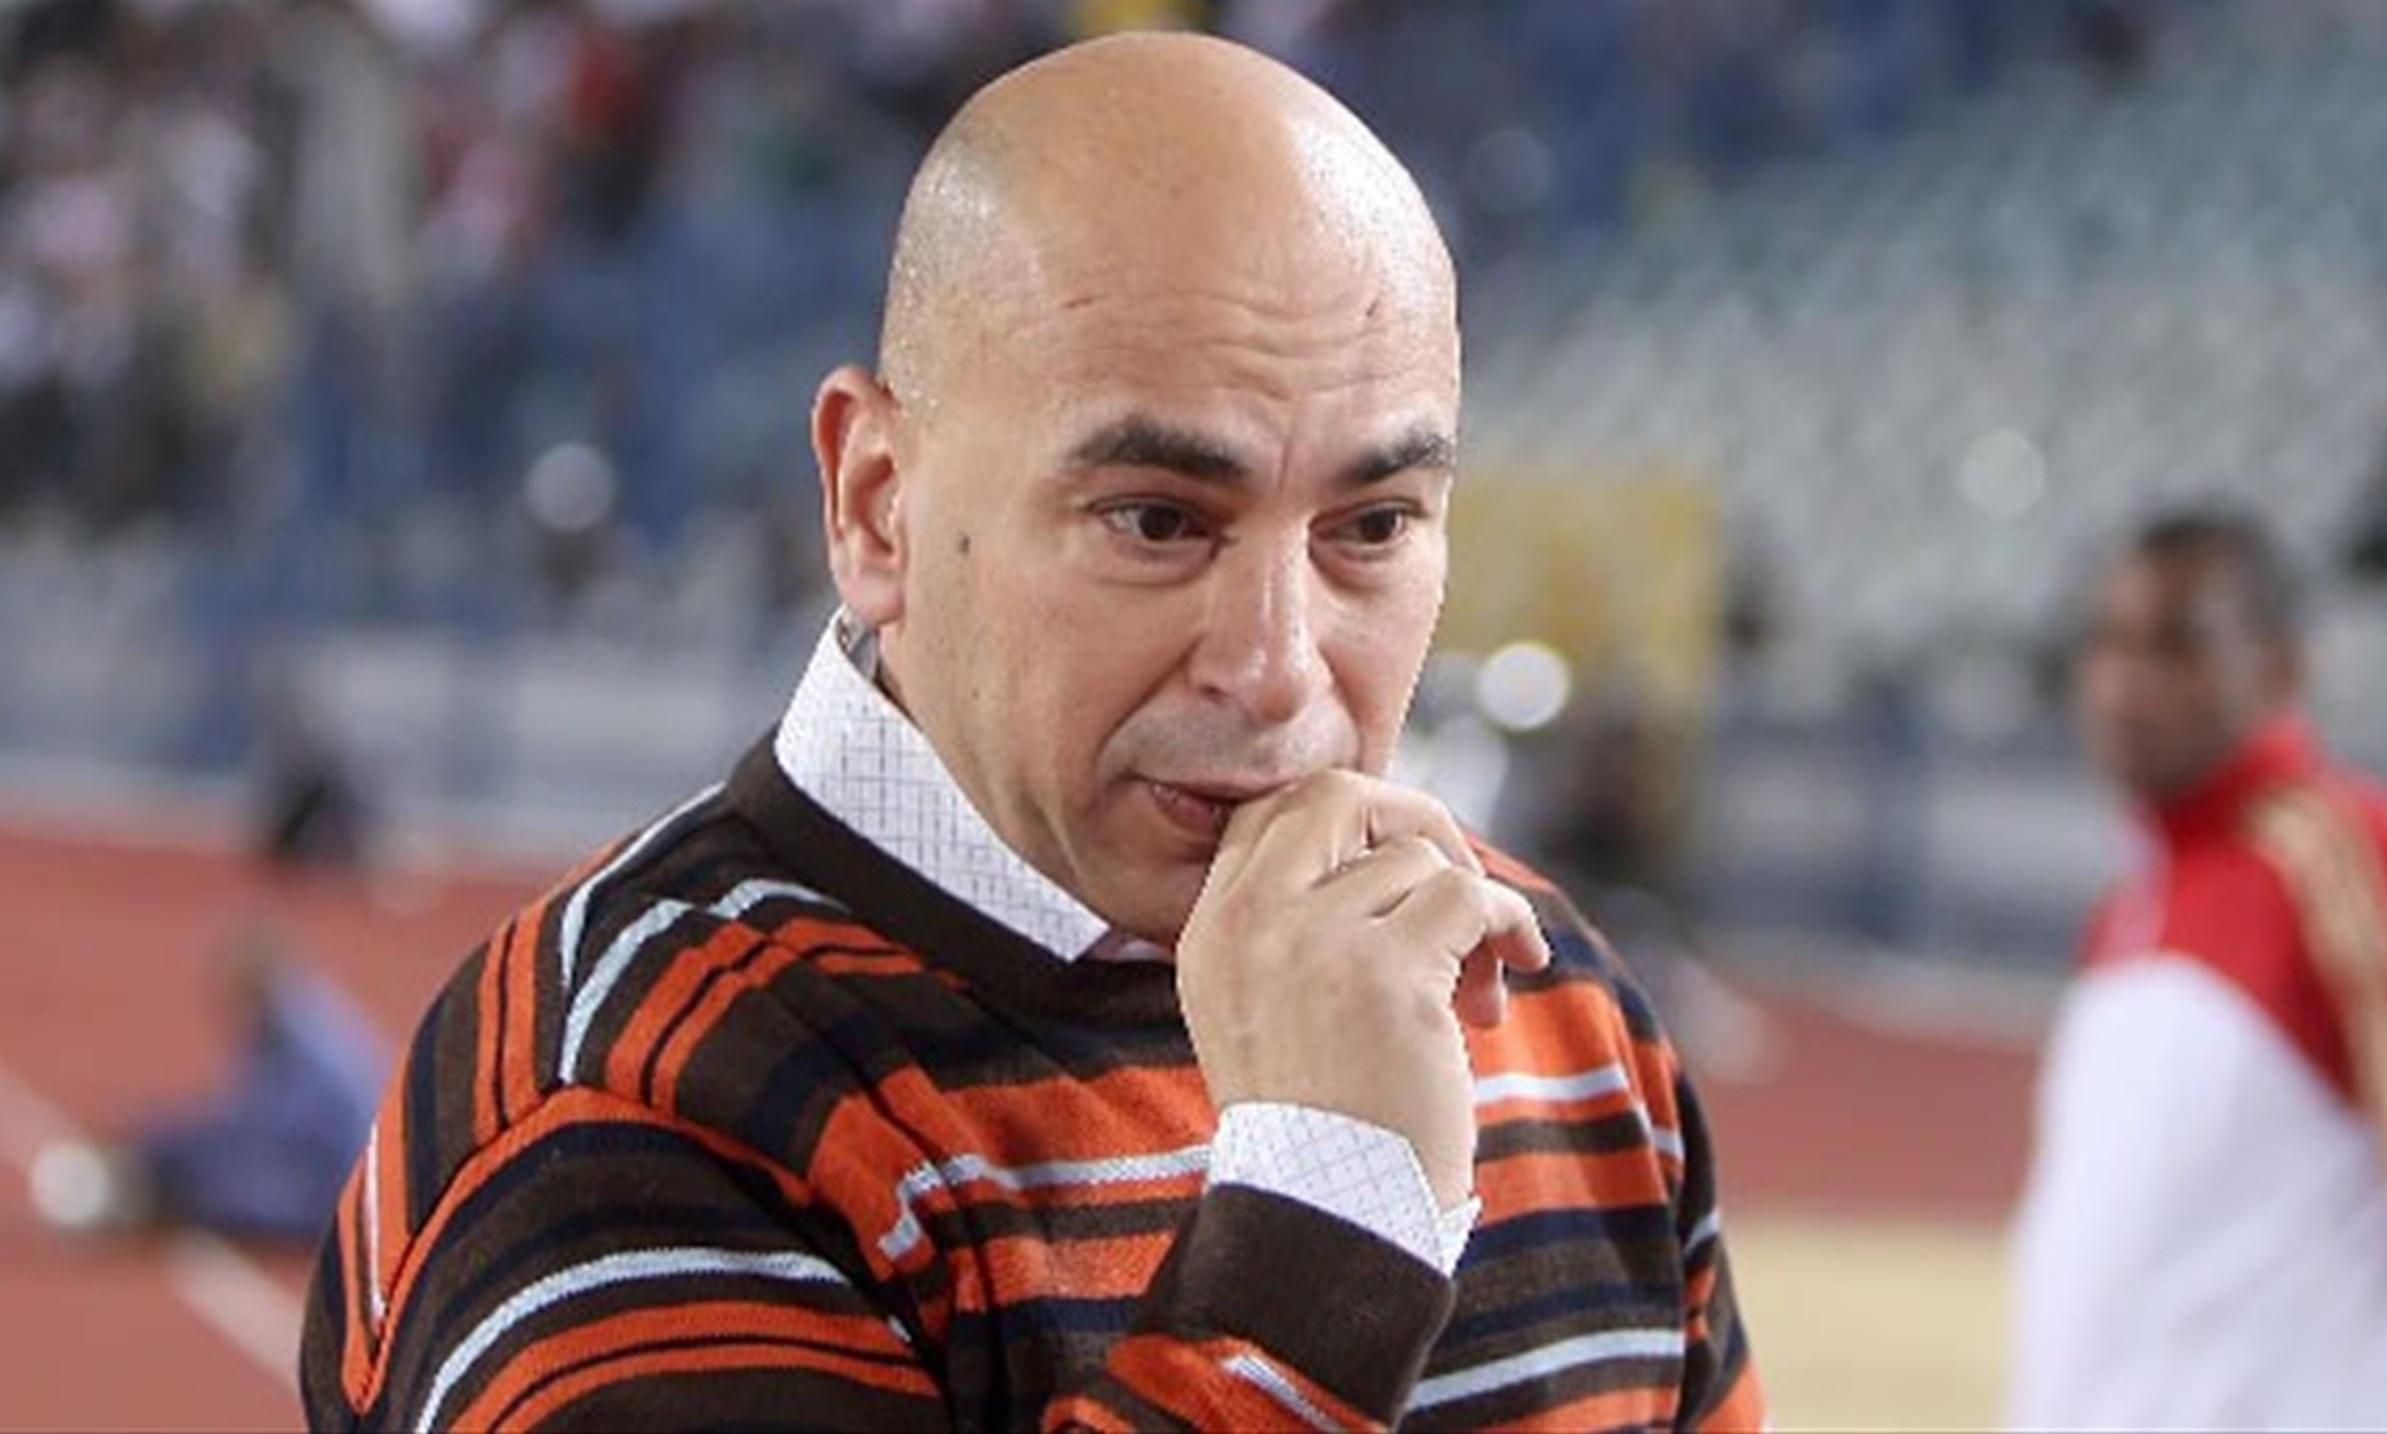 الفوز الأول للاتحاد السكندري بقيادة النجم السابق حسام حسن